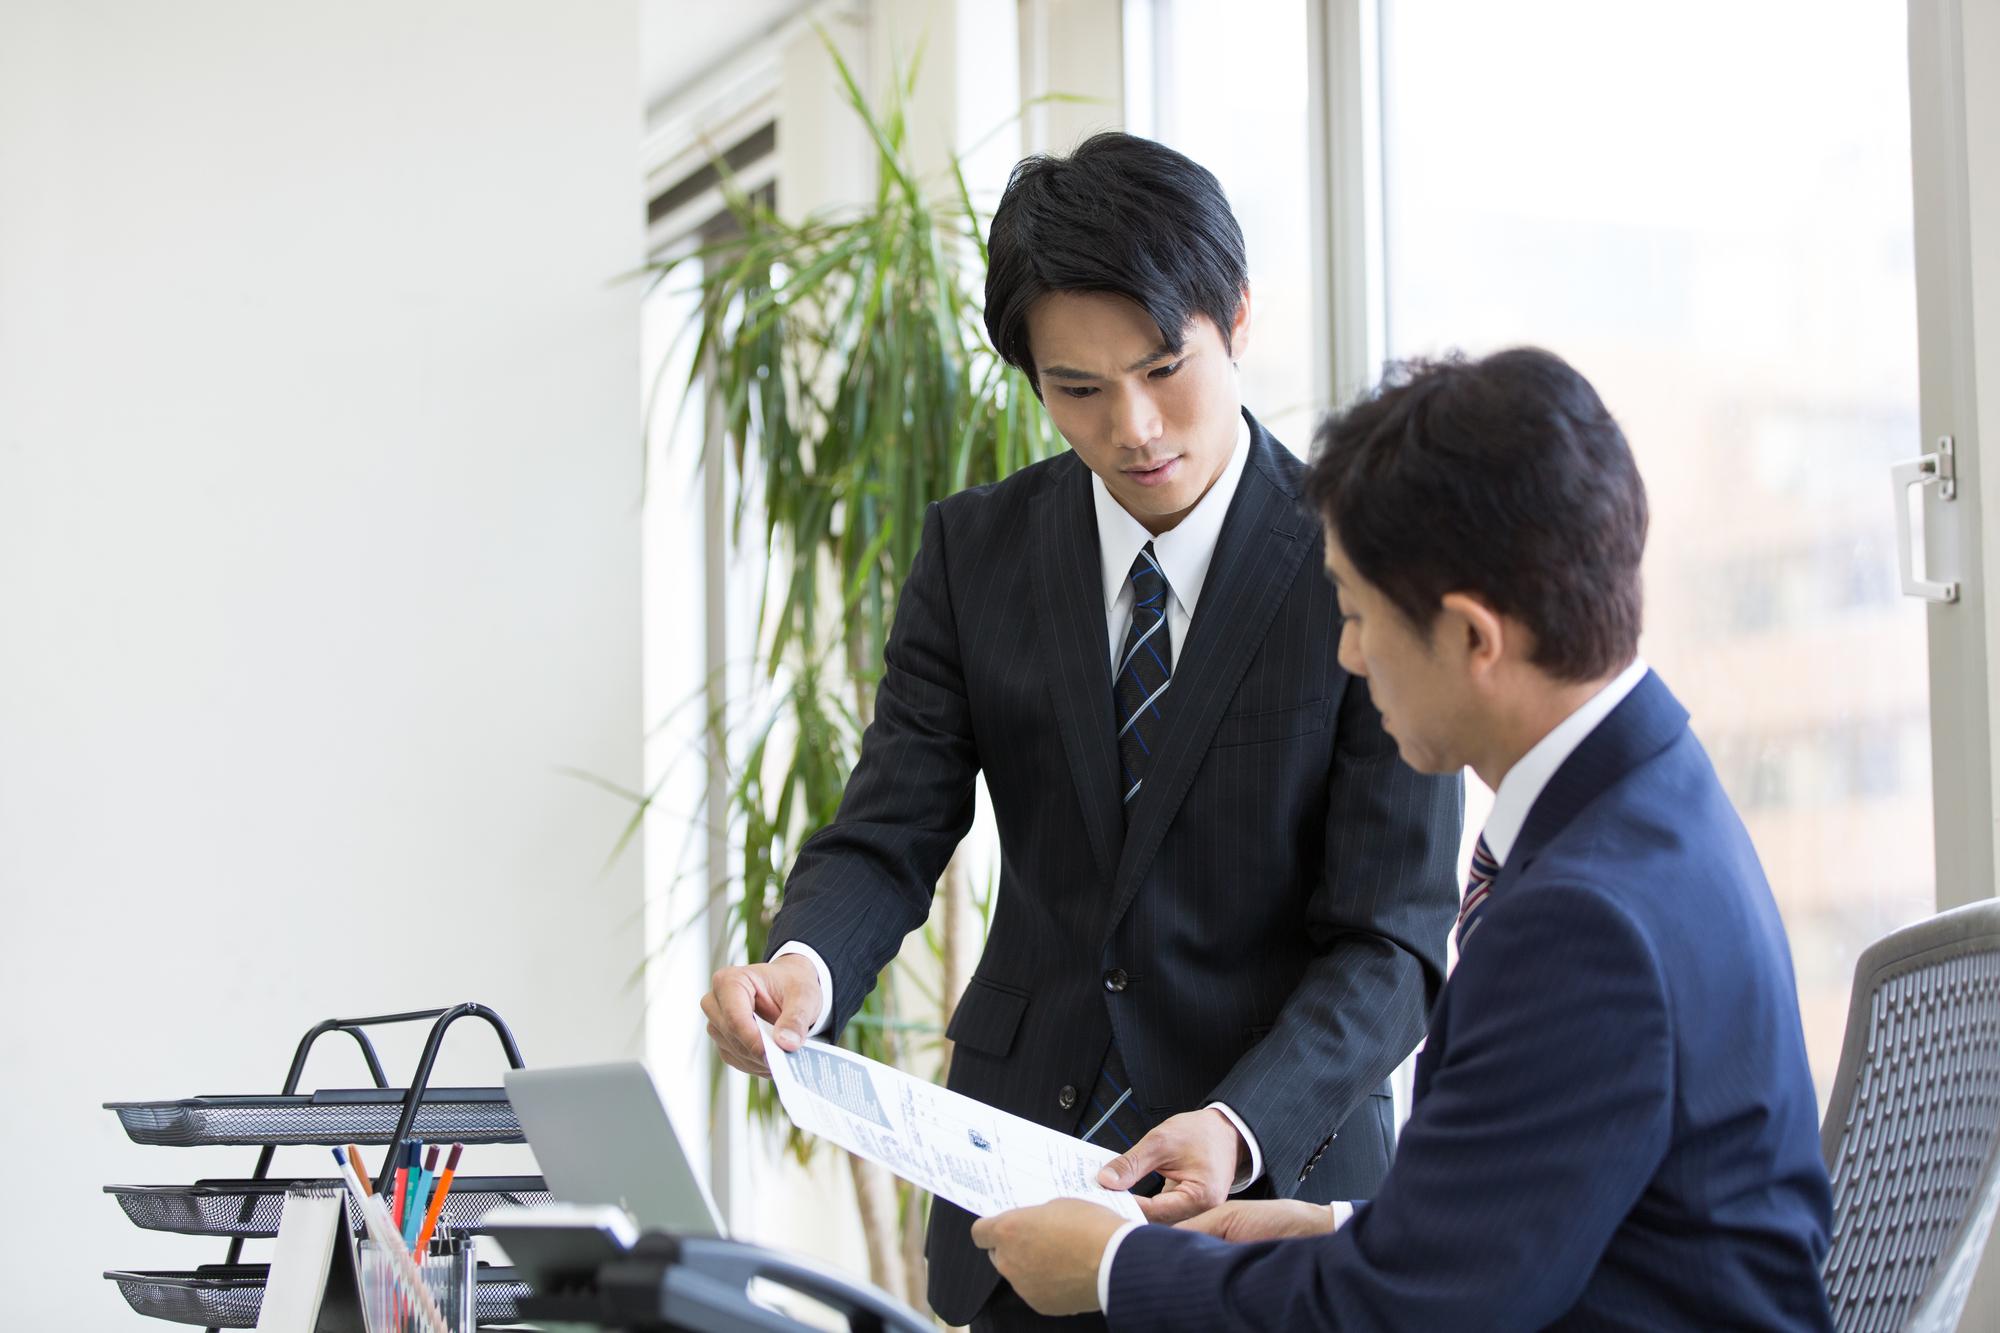 新入社員でも結果を残す!営業の秘訣を徹底解説